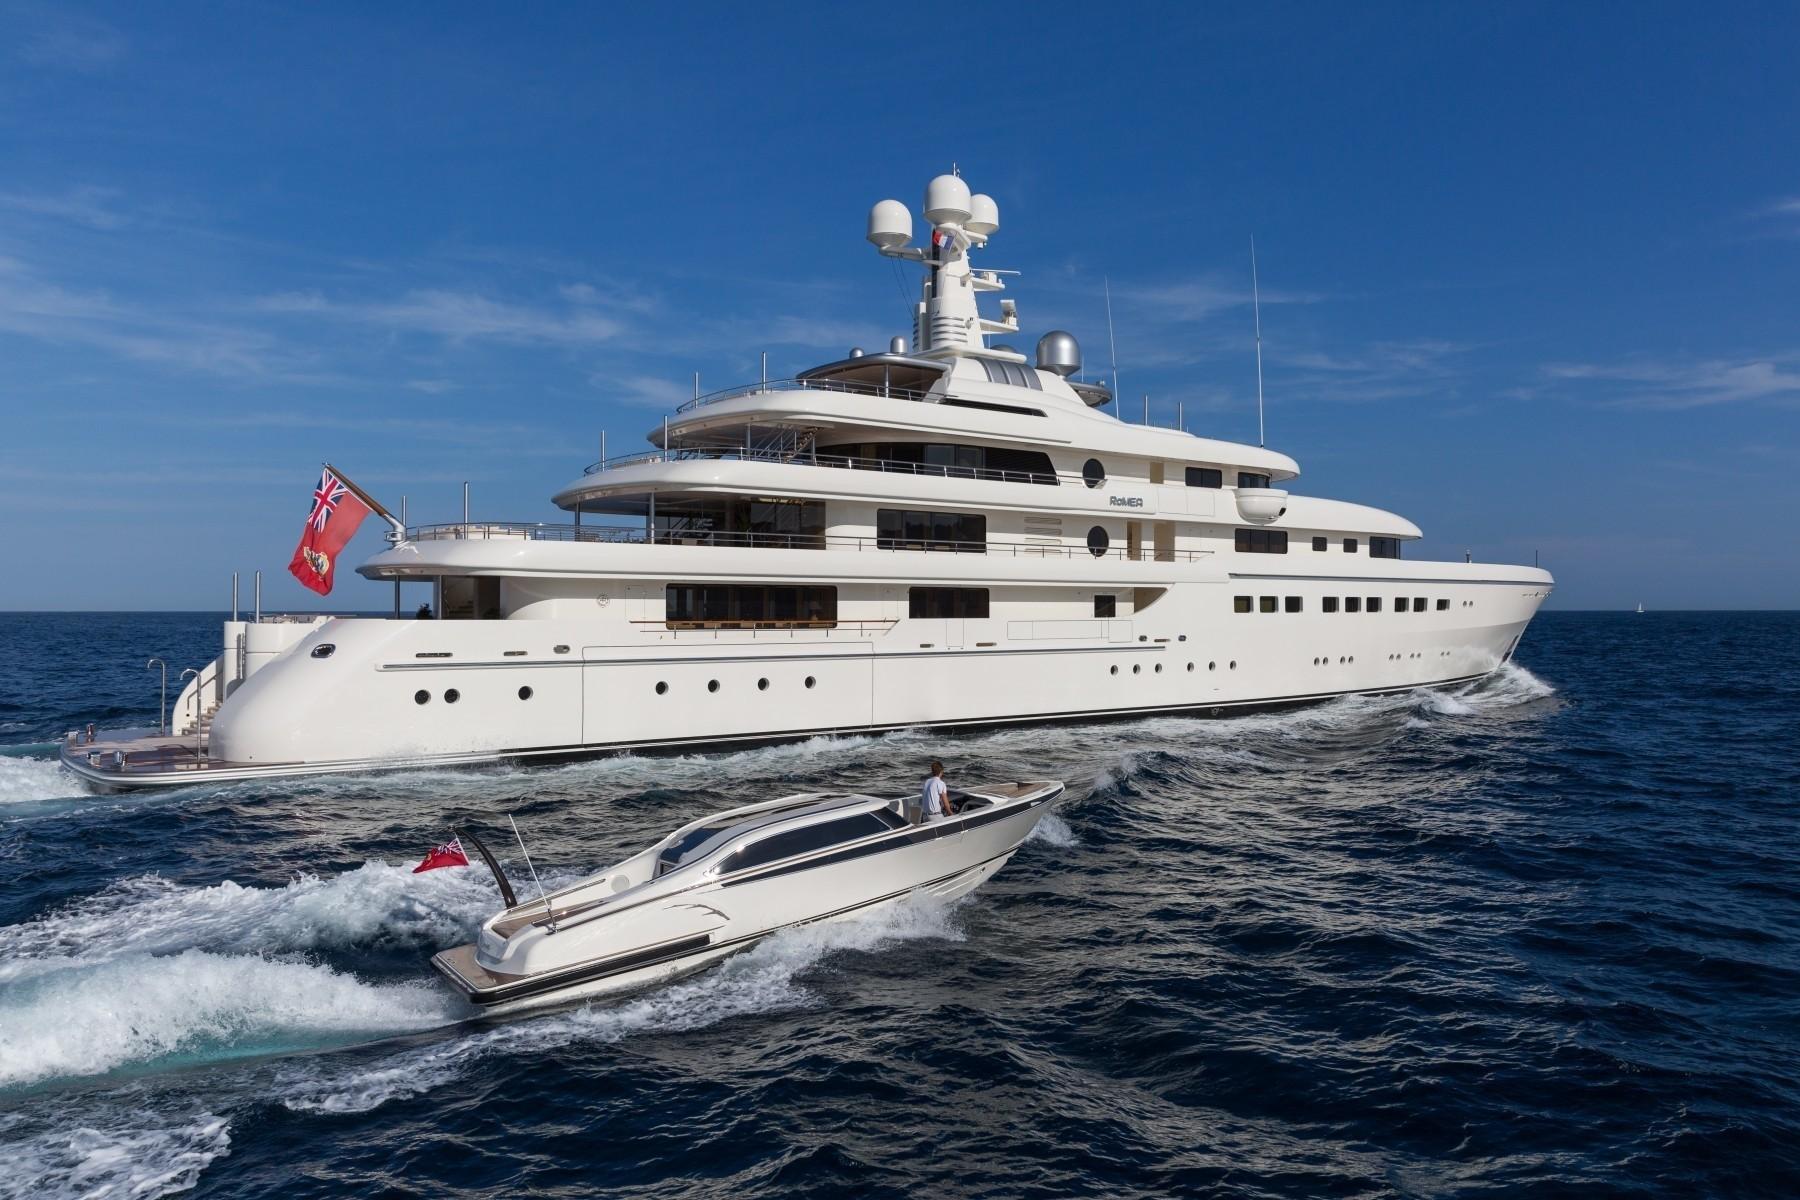 Alquiler de barcos y yates de lujo en Ibiza. Yates de lujo de alquiler